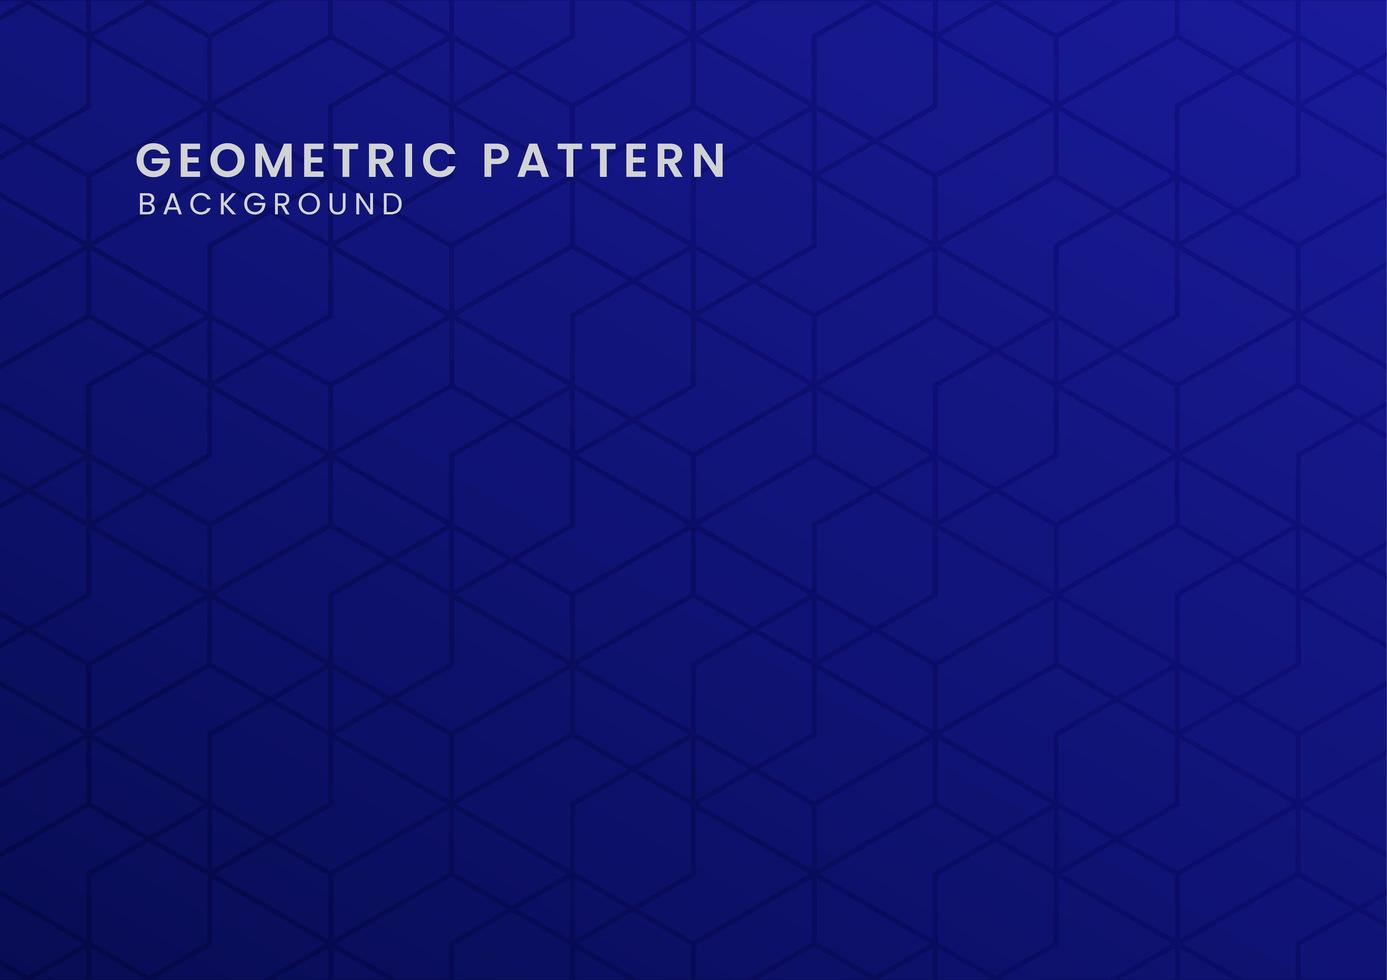 fond bleu géométrique vecteur